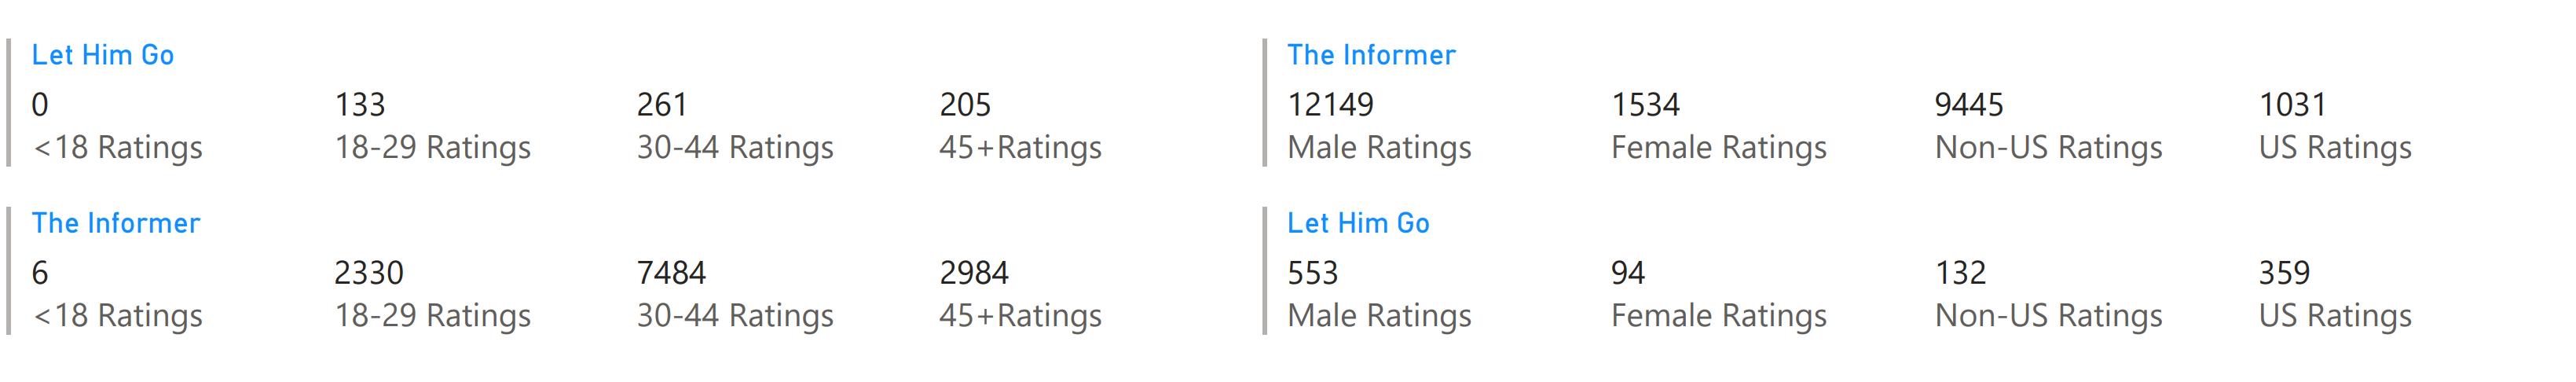 fans vs critics november 27 2020